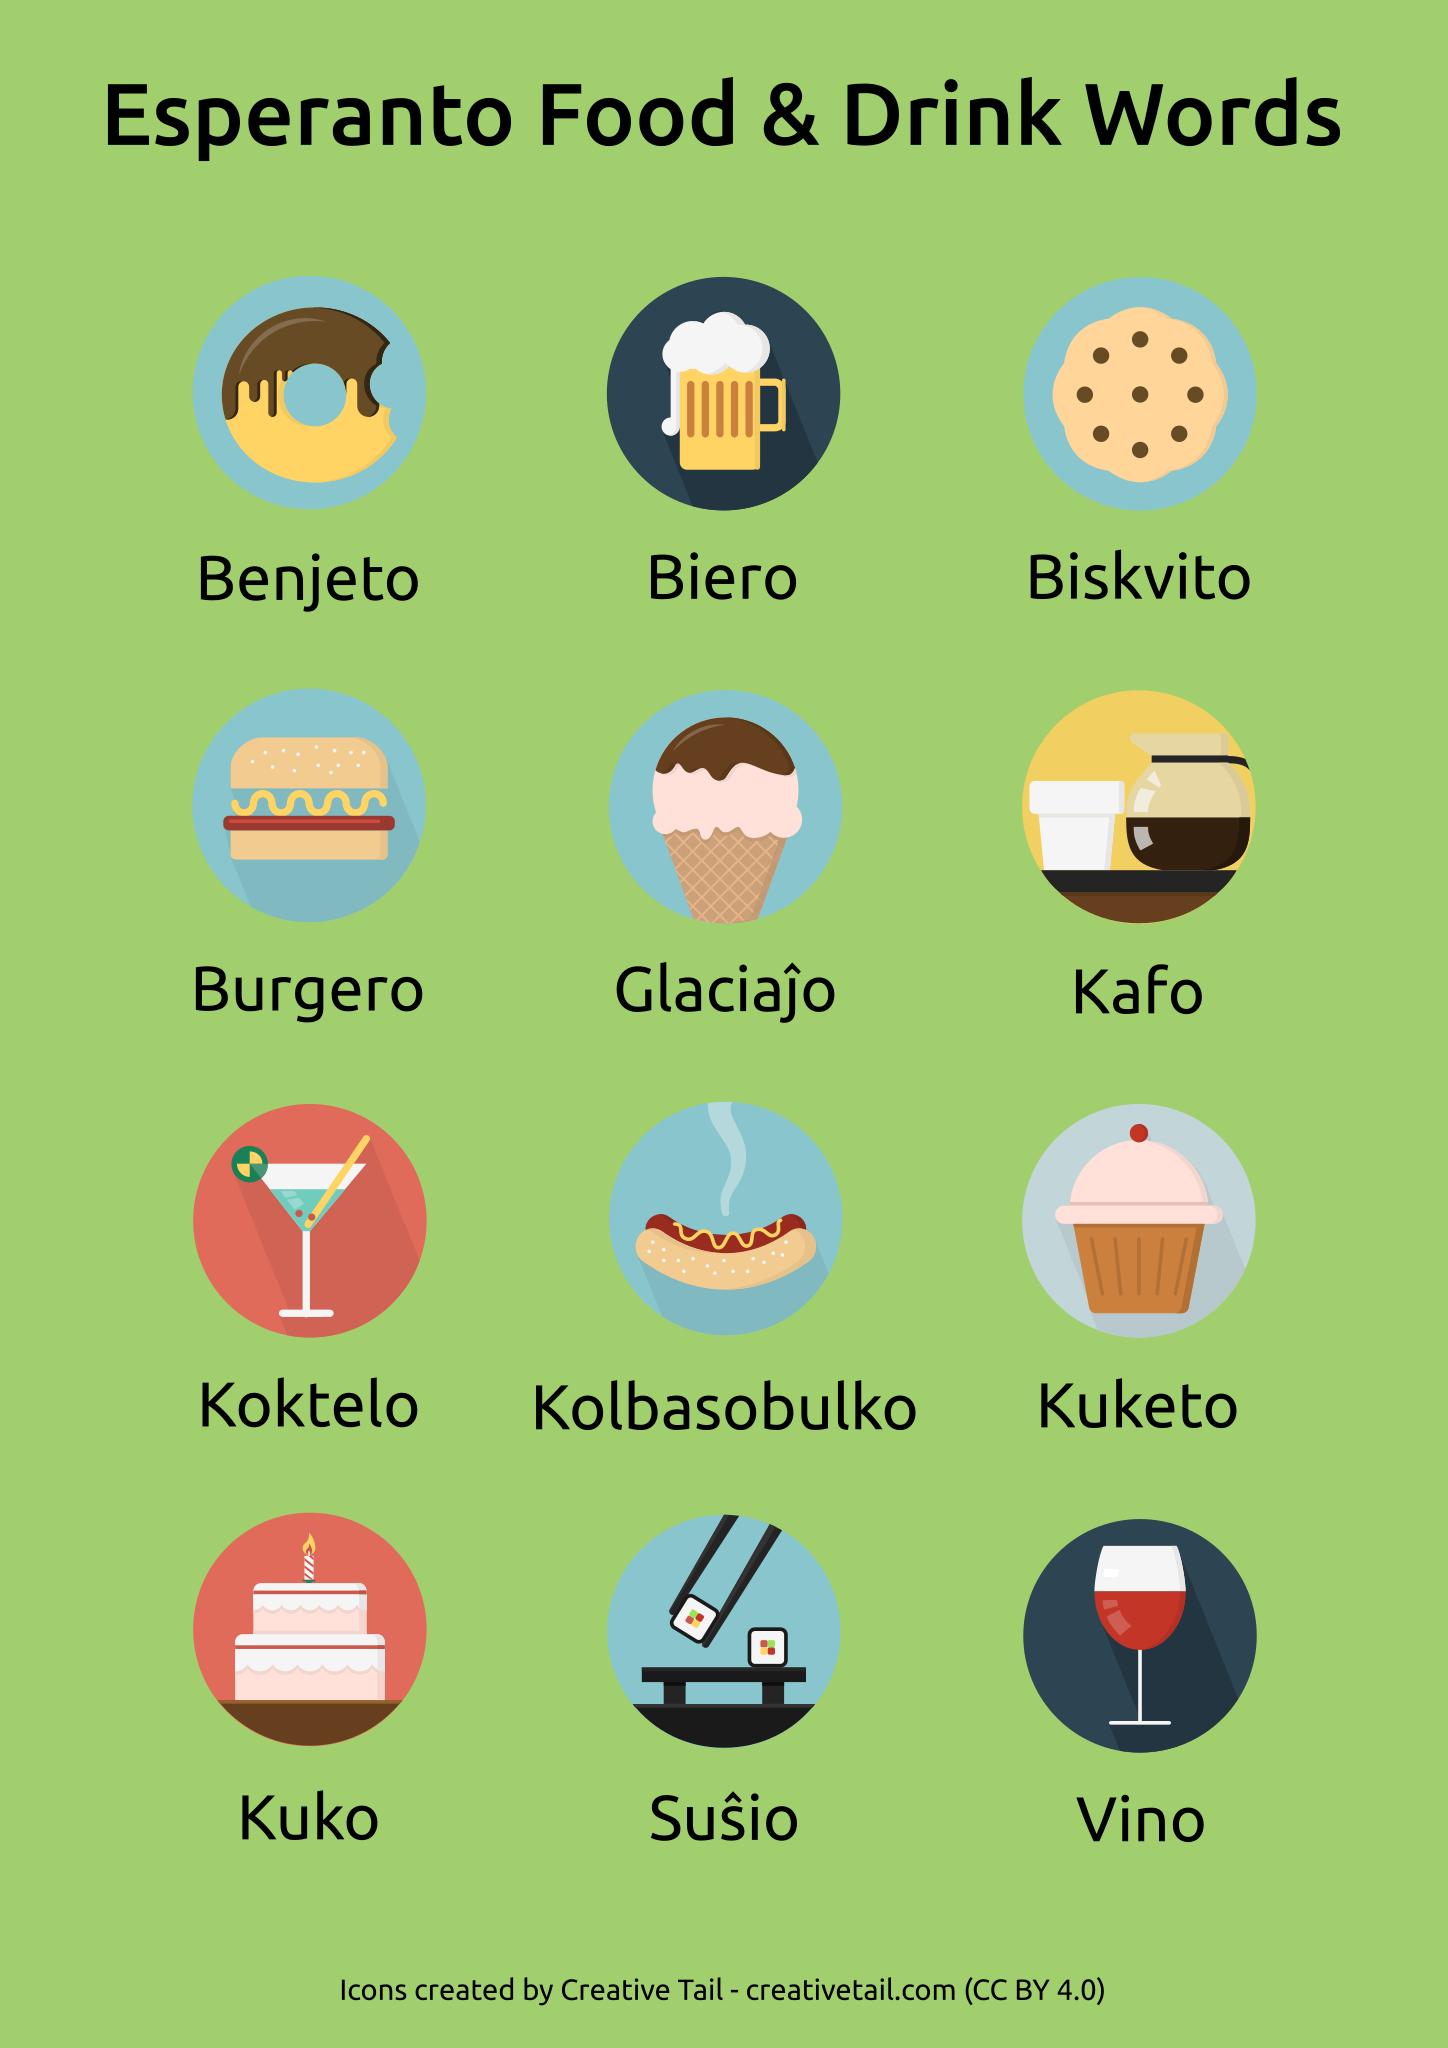 Cuvinte in esperanto